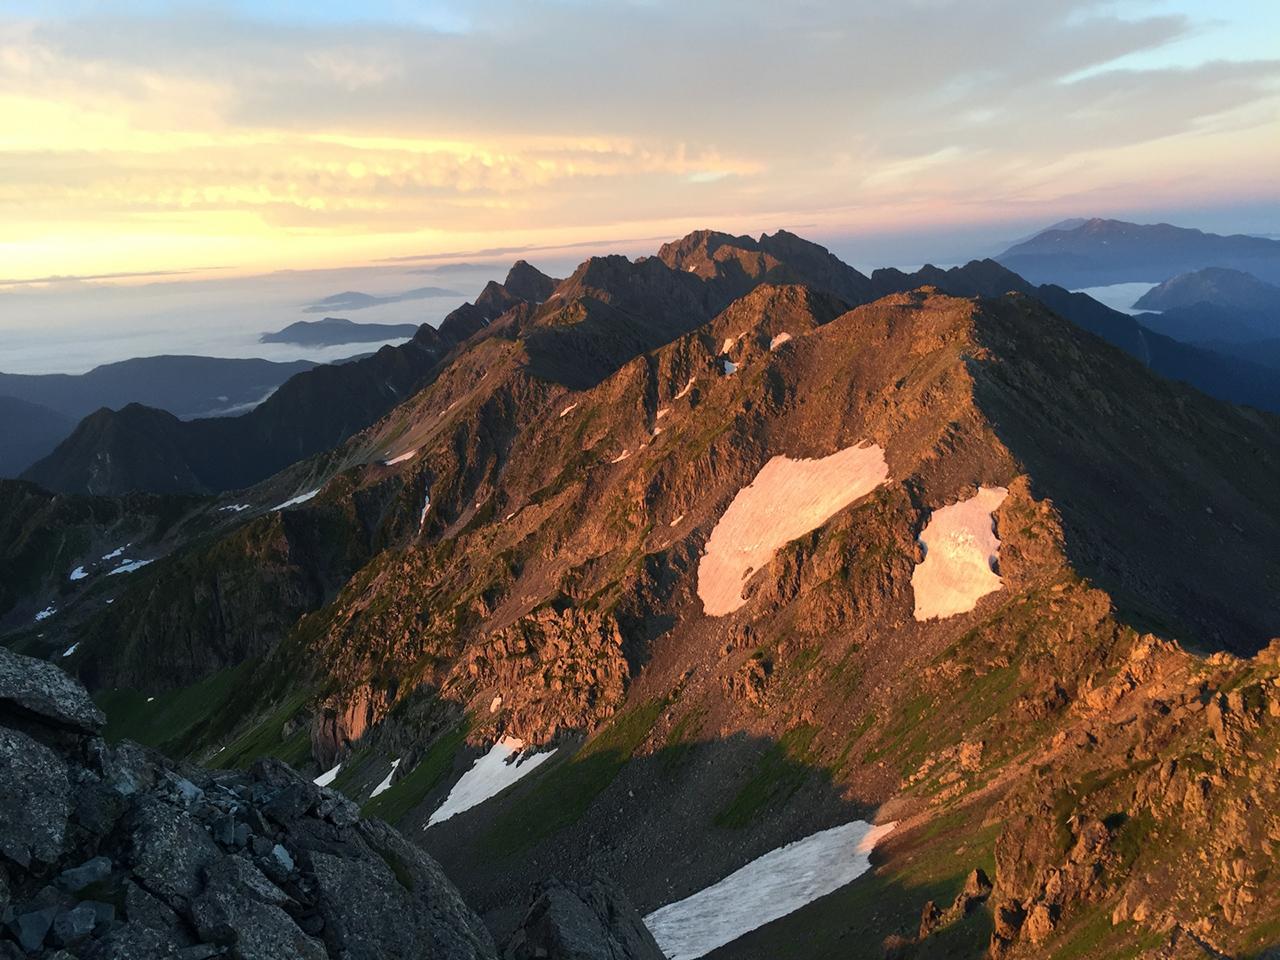 ภูเขายาริกาทาเคะ (Mt. Yarigatake) จ.นากาโน่ เป็น ภูเขาที่สูงเป็นอันดับ 5 ของญี่ปุ่น